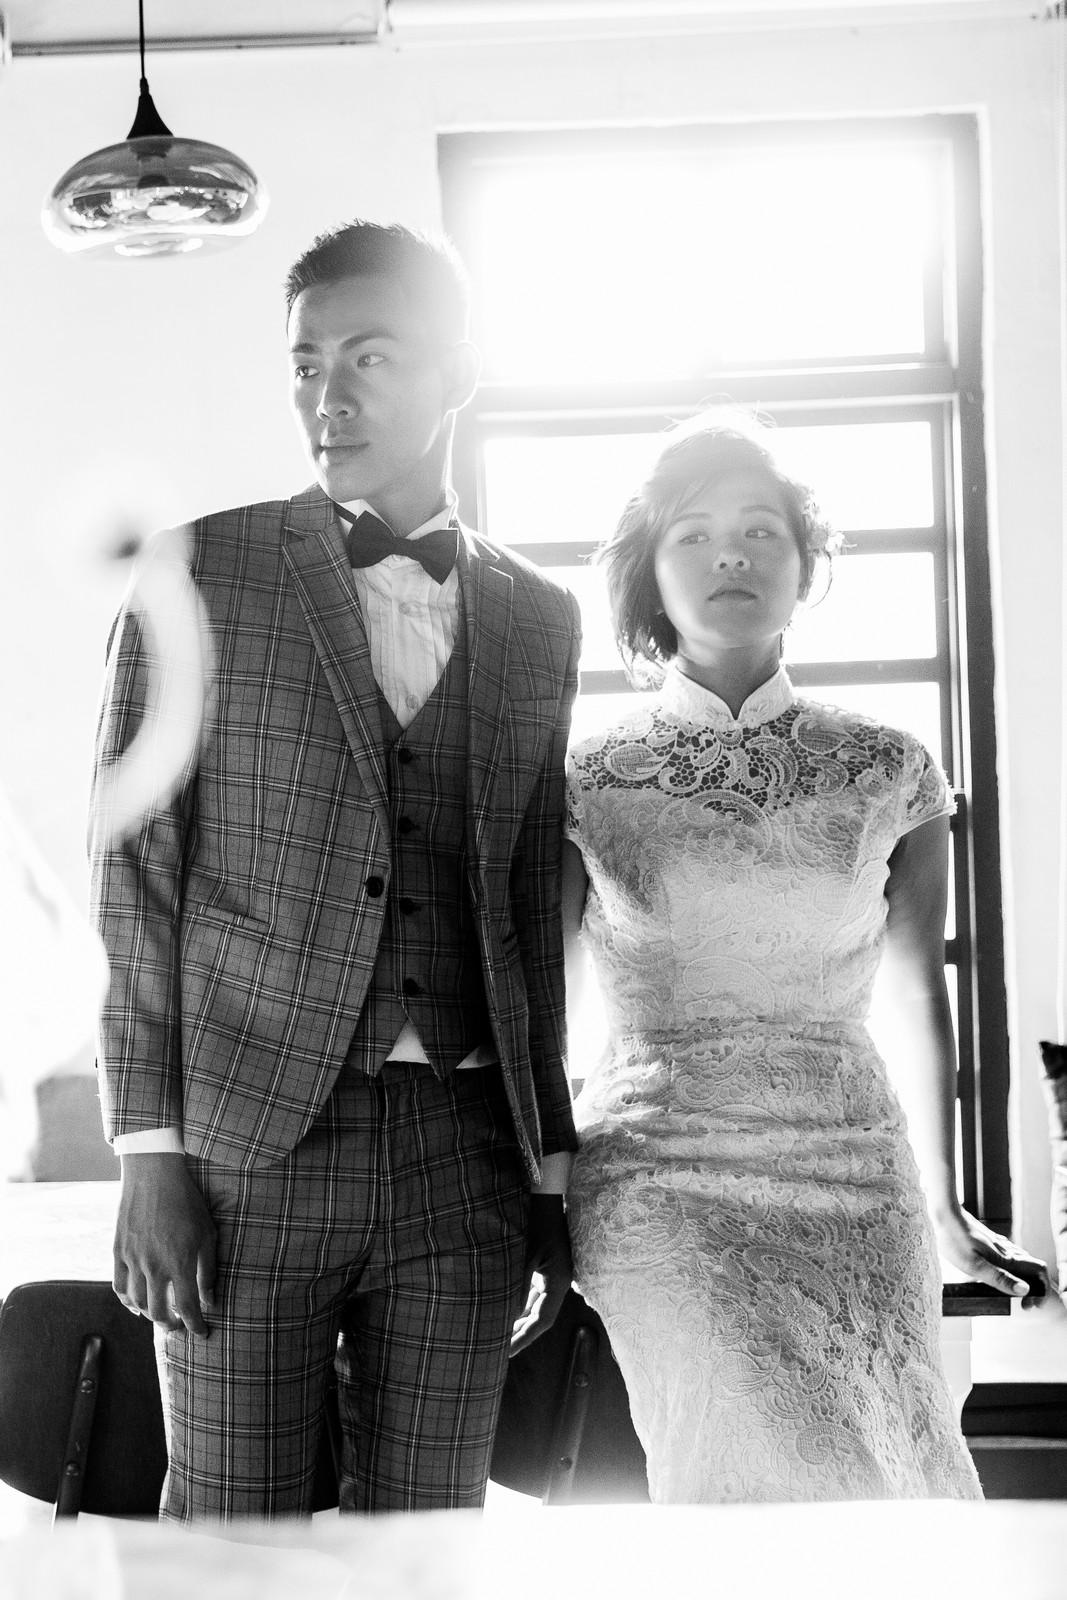 高雄 婚紗,高雄 婚紗工作室,高雄 婚紗店,高雄拍婚紗,高雄 婚紗攝影,高雄 婚紗照,高雄 自助婚紗